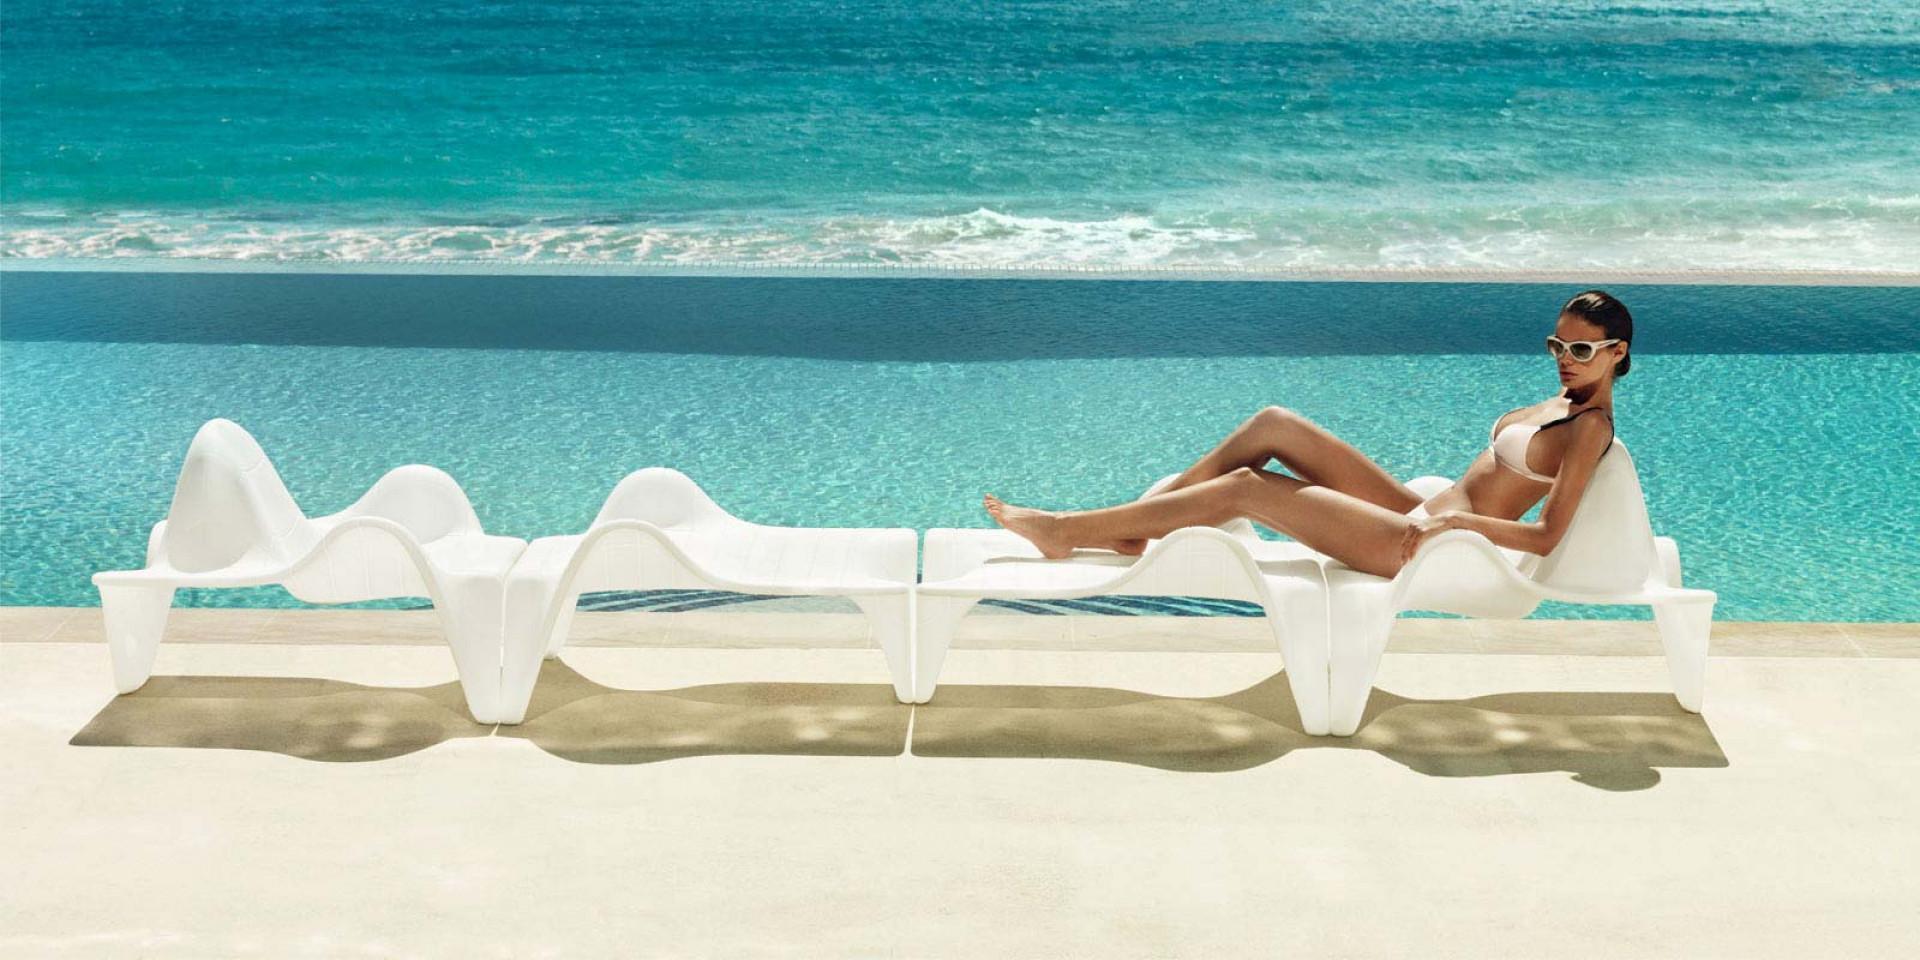 Fotele outdoorowe z kolekcji F3 firmy Vondom. Projekt: Fabio Novembre. Fot. Vondom